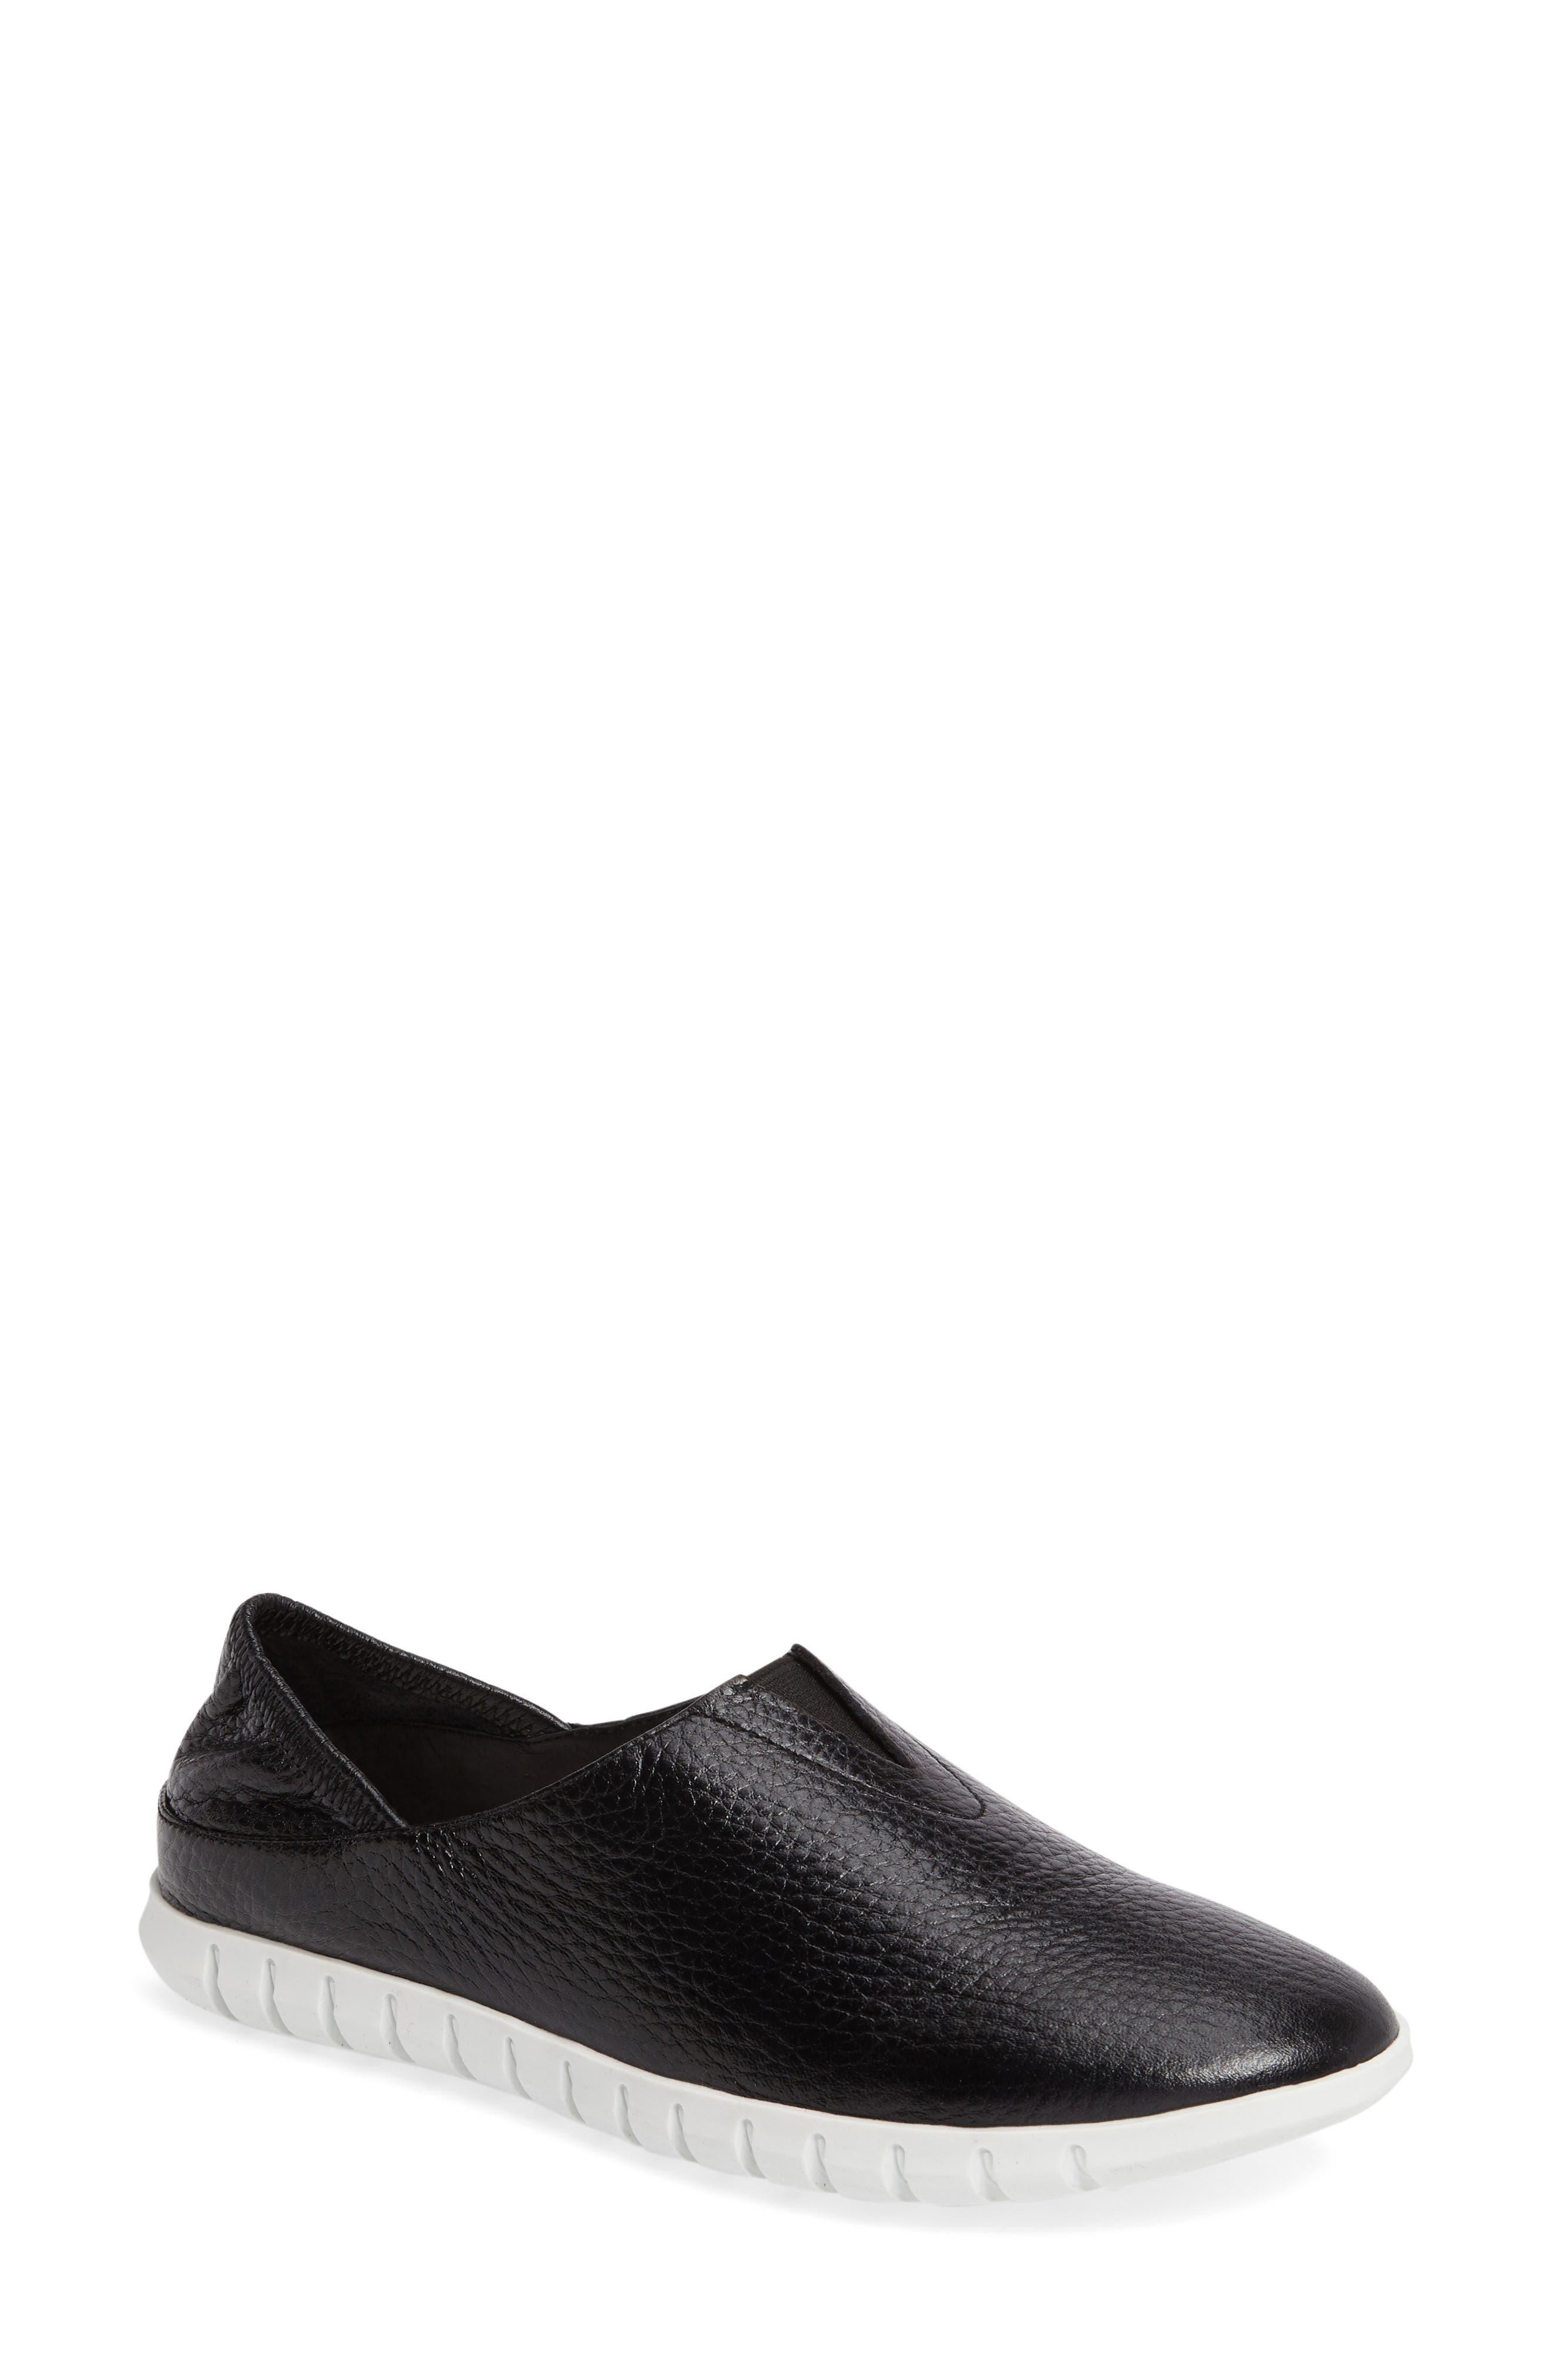 Kim Slip-On Sneaker,                         Main,                         color, Black Leather